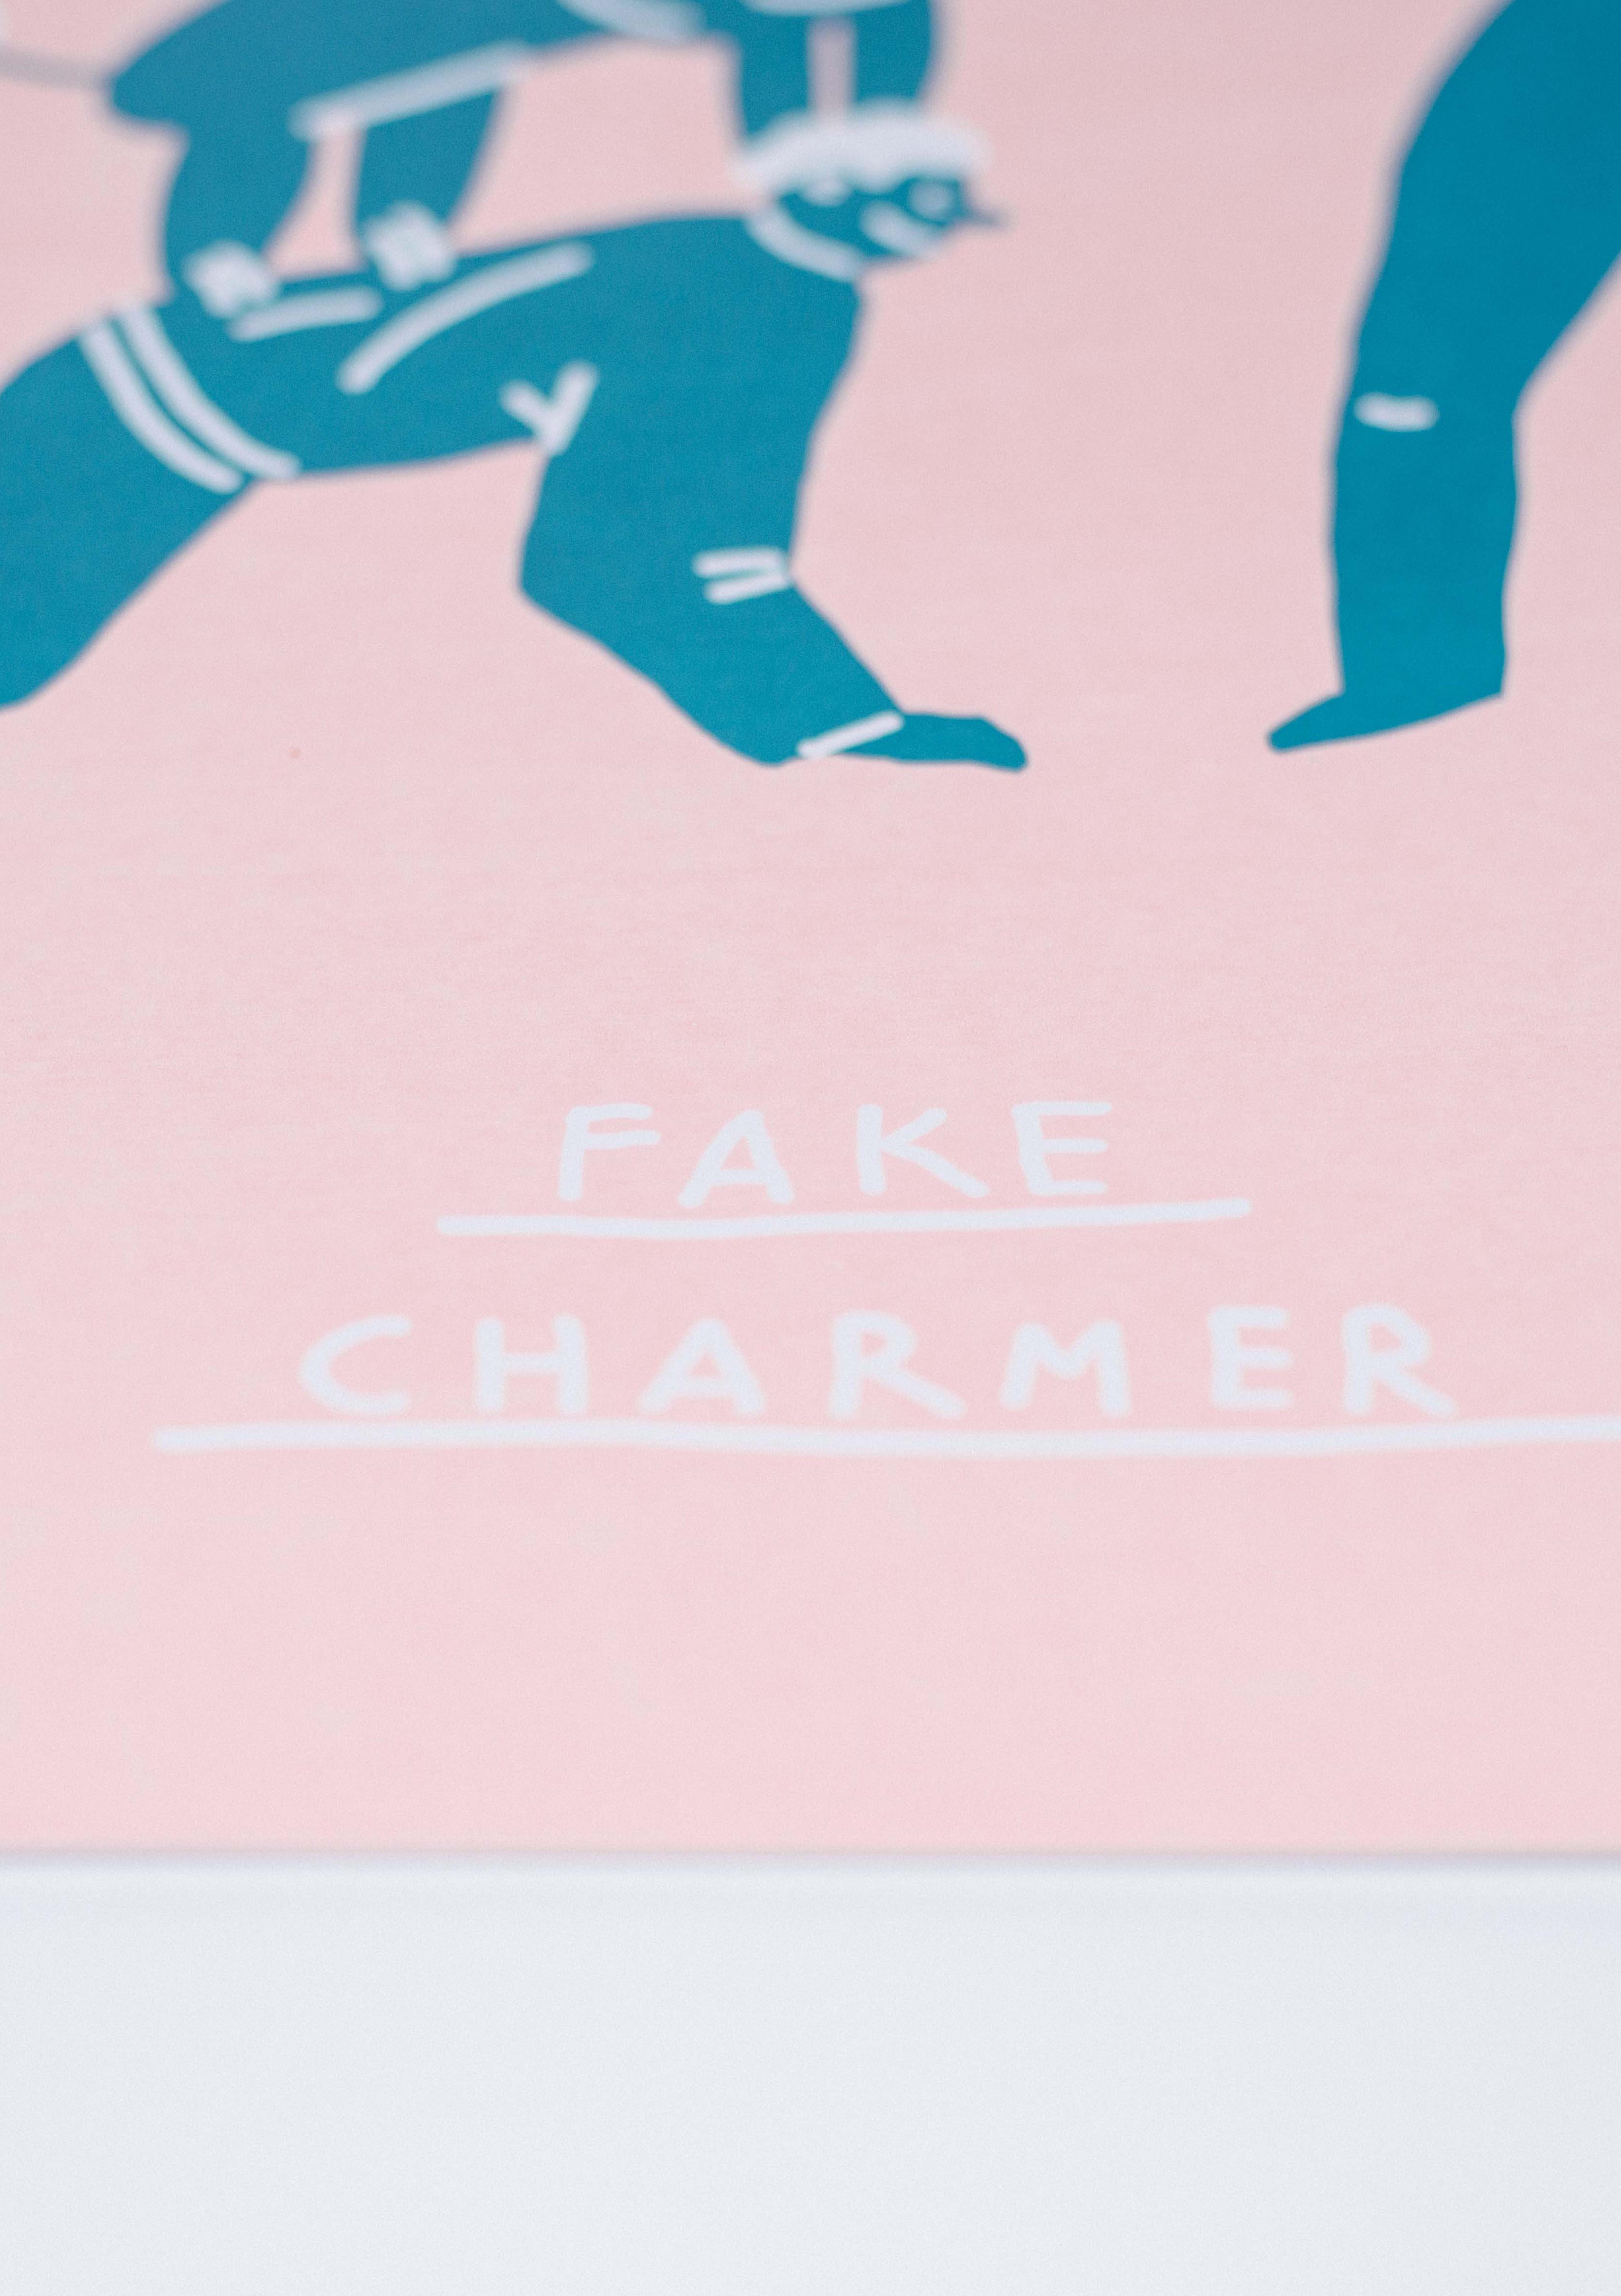 Fake charmer by Nastya Pozhidaeva